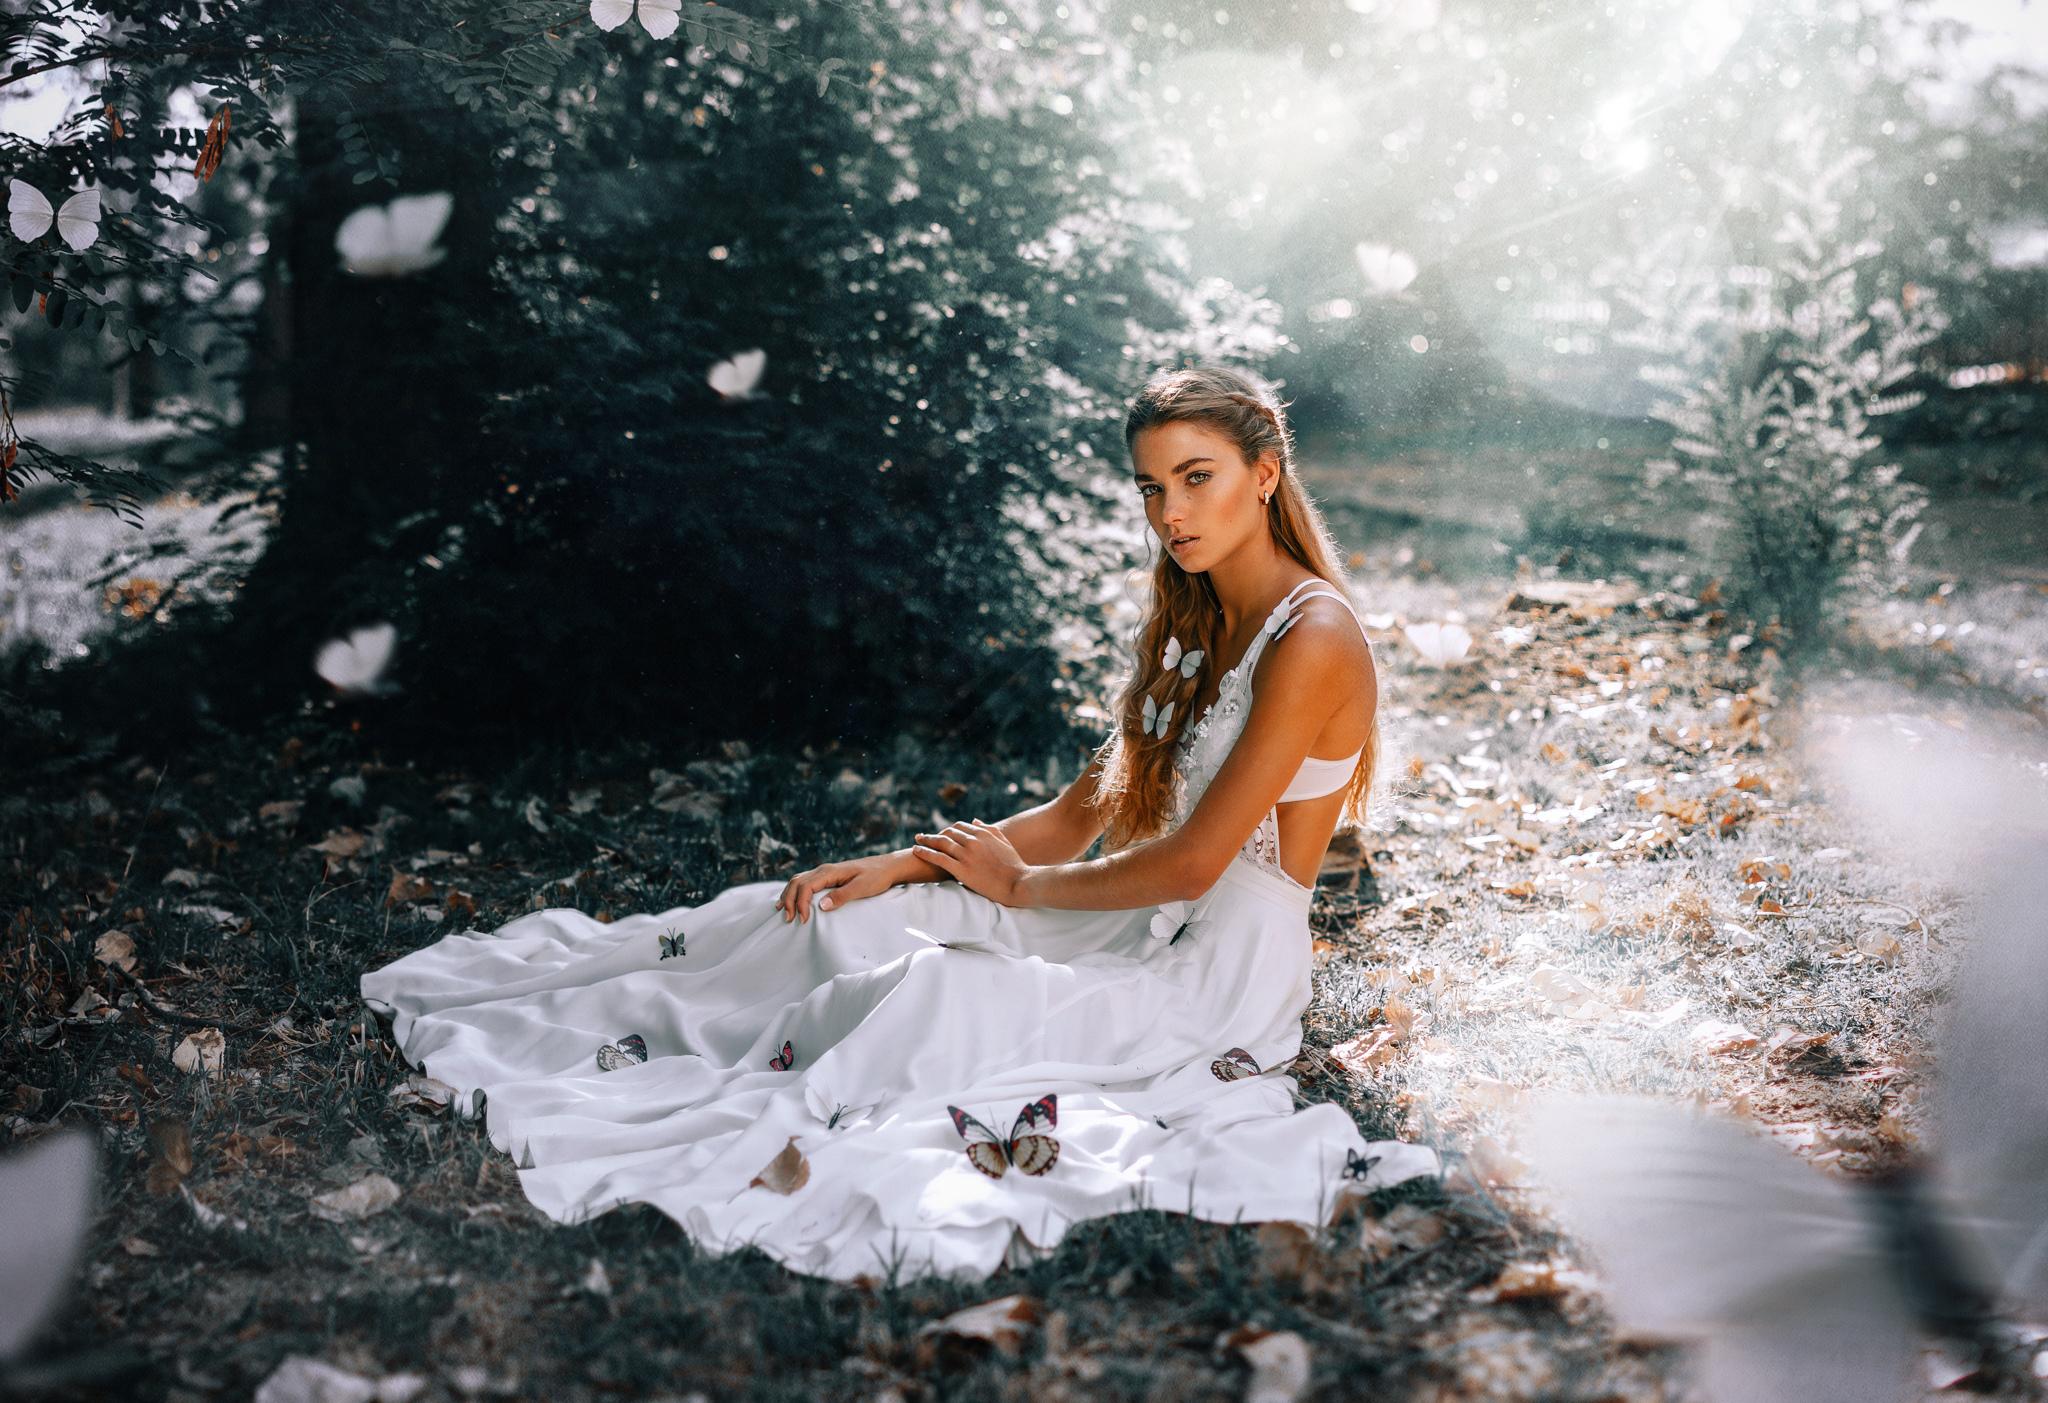 девушки бабочка платье скачать